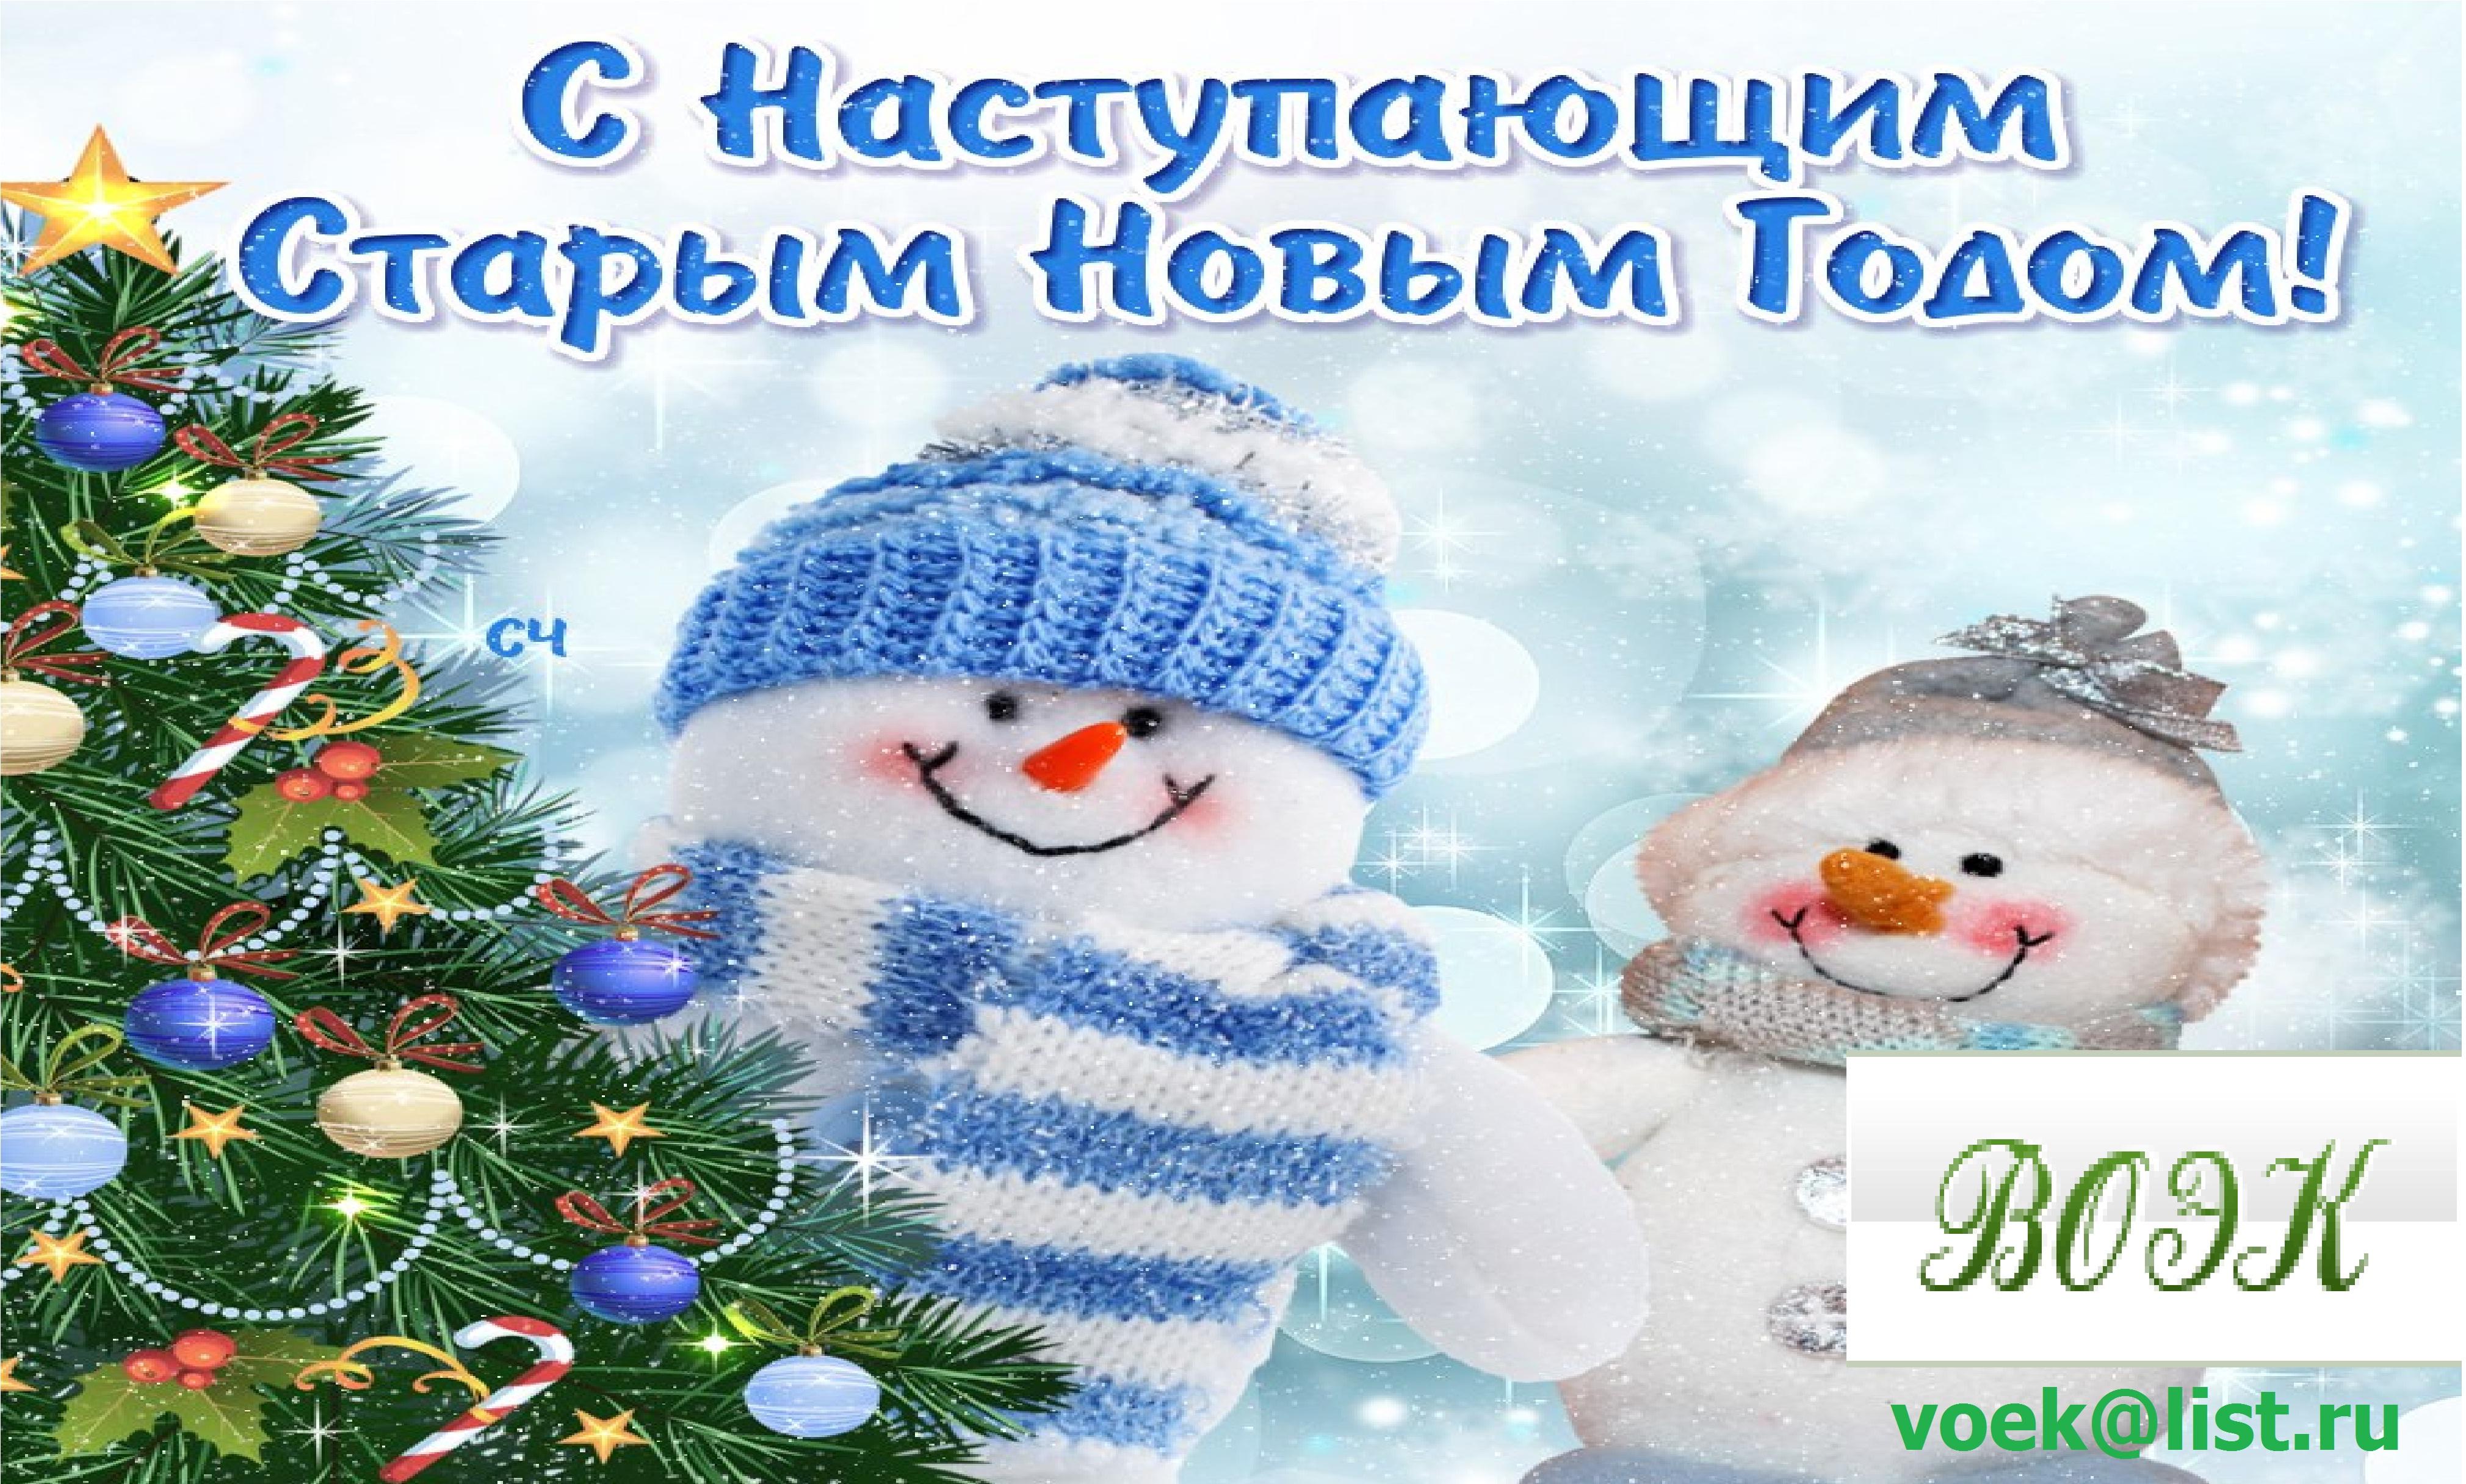 С наступающим Старым новым годом!!!